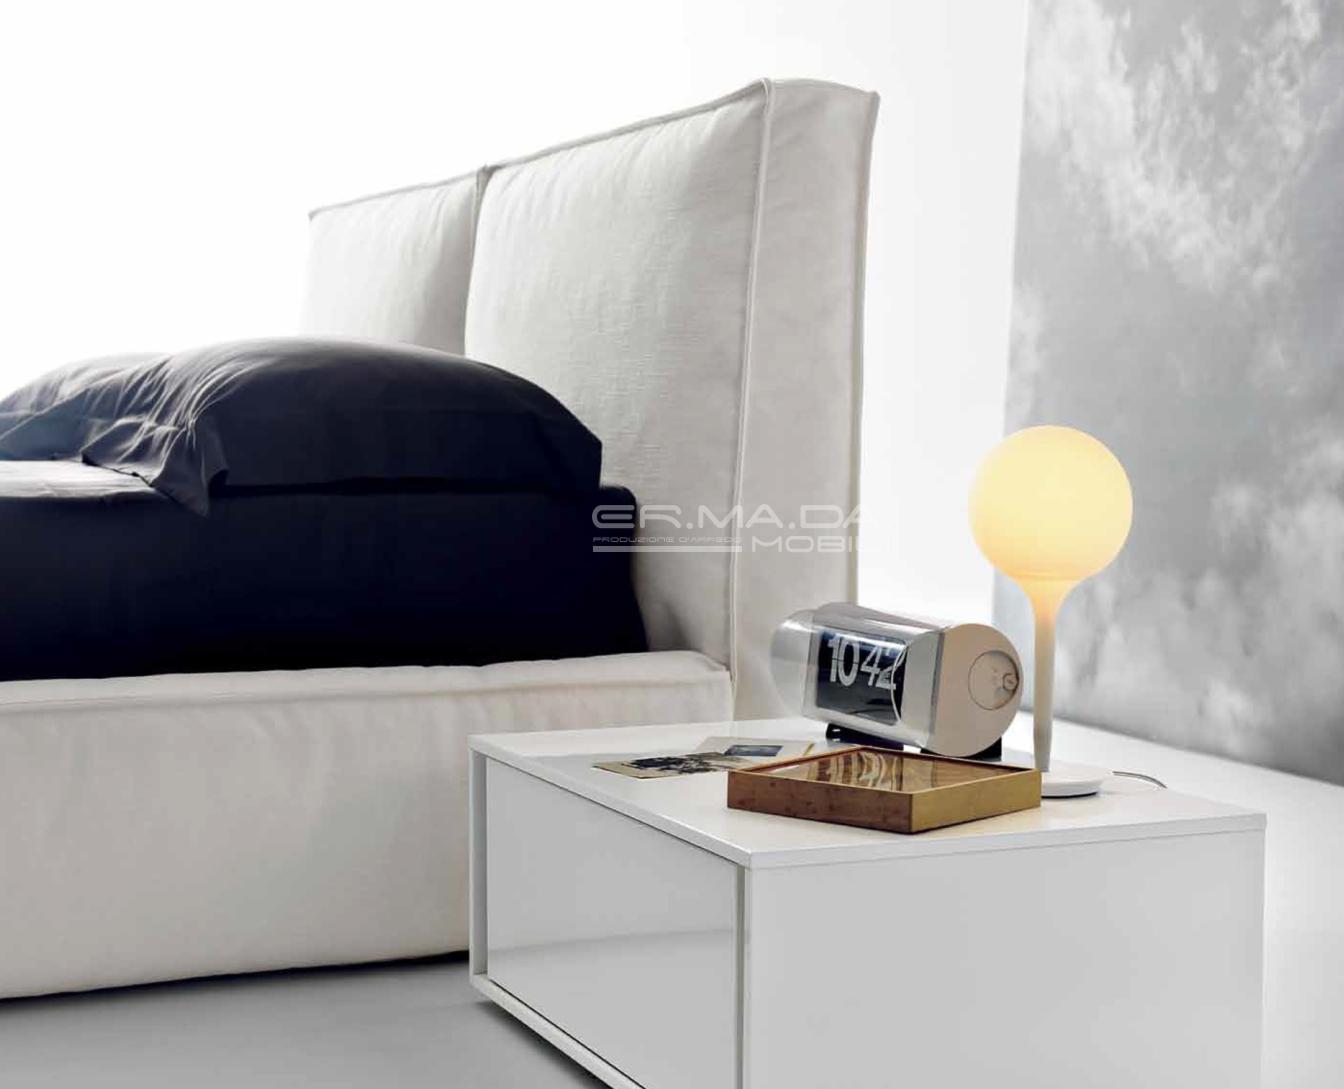 29 gruppo letto moderno er ma da mobilificio for Progetta i tuoi mobili